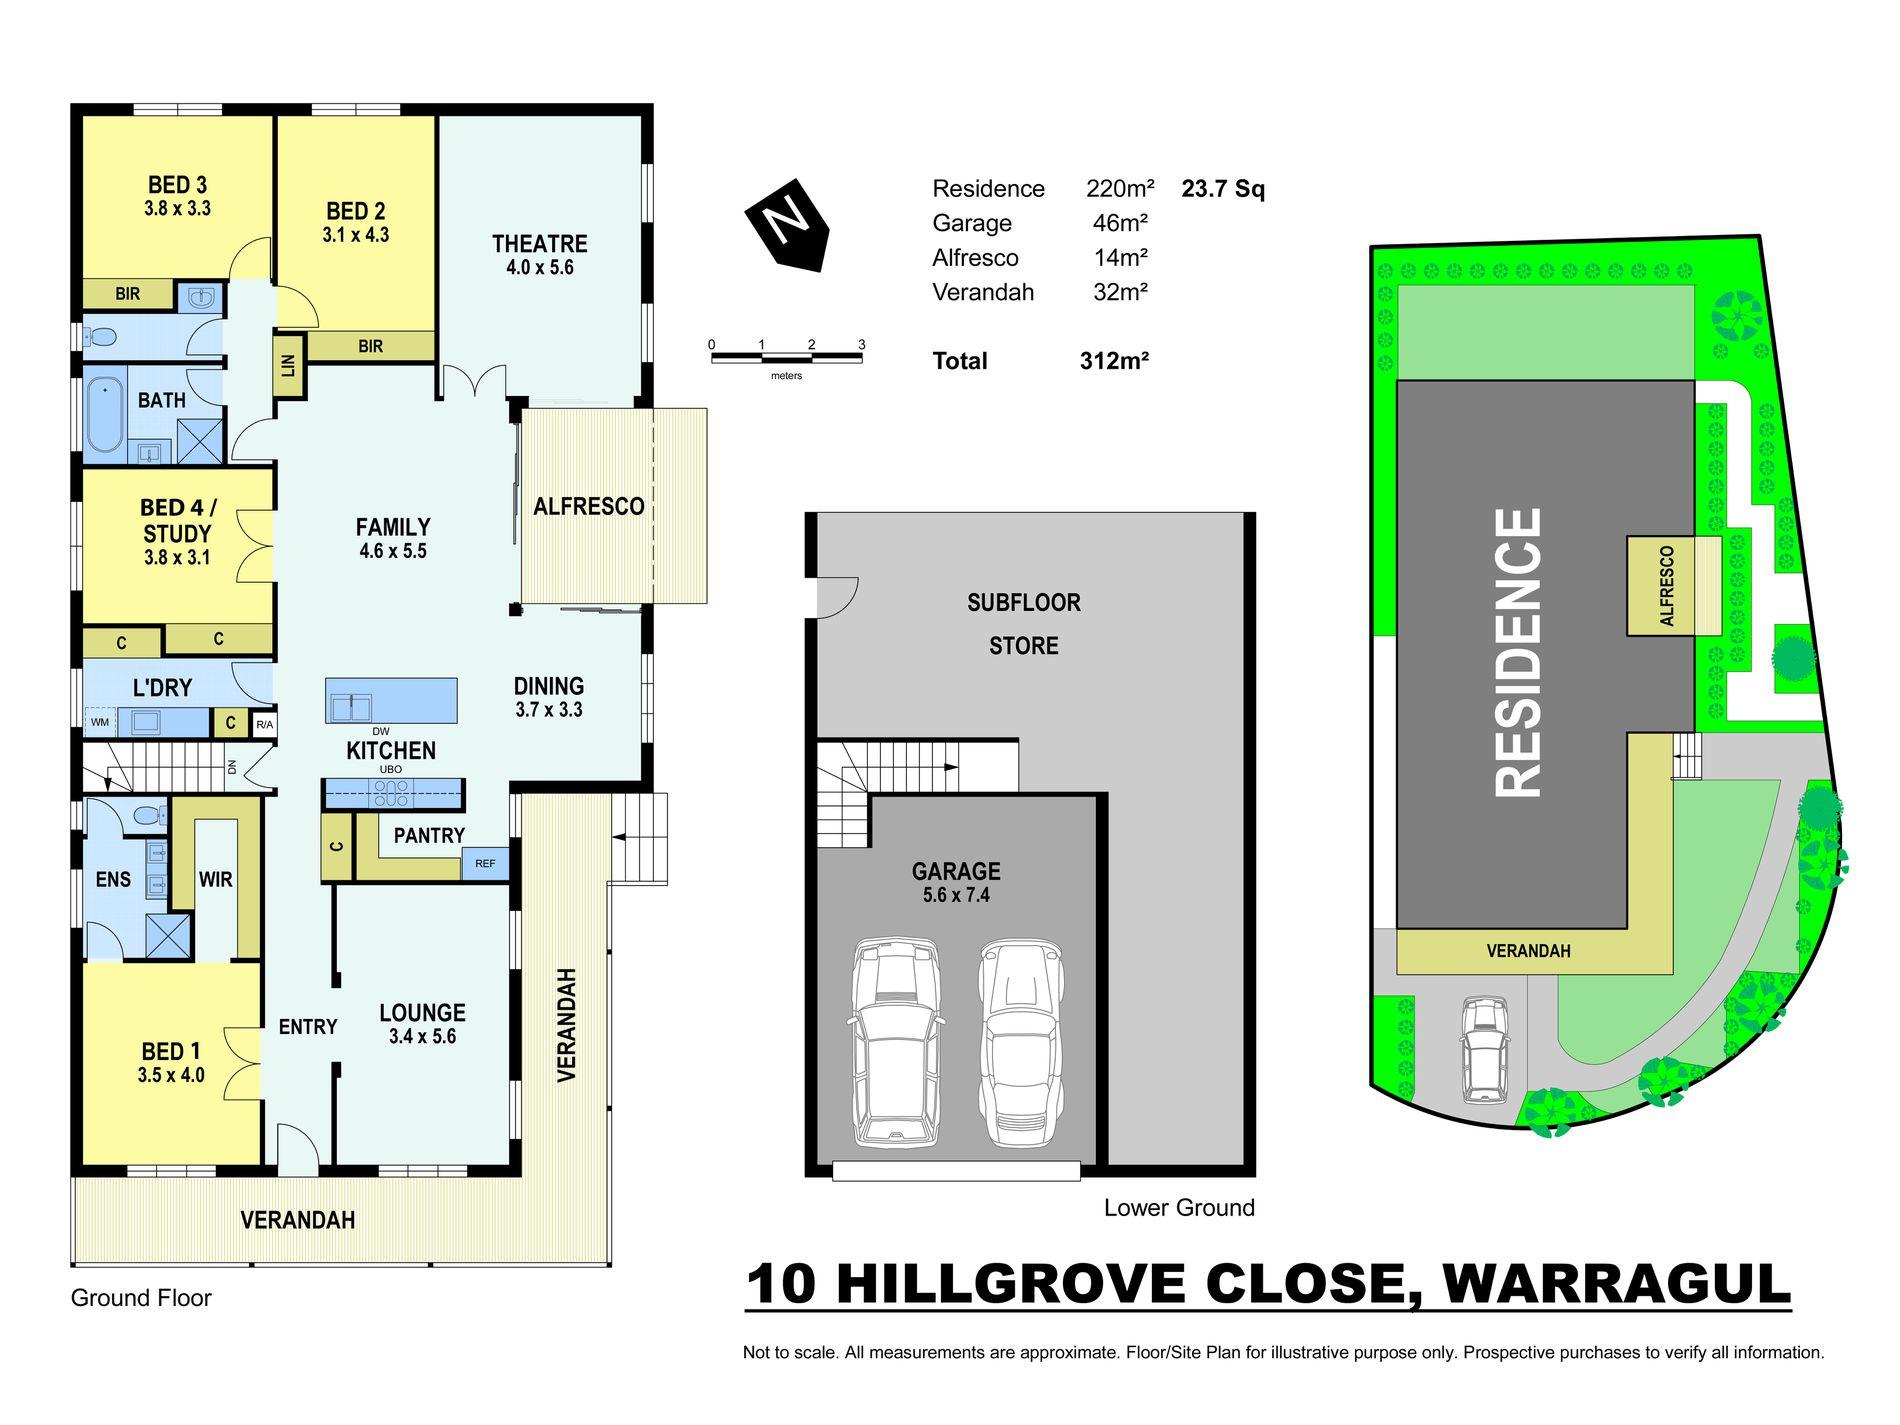 10 Hillgrove Close, Warragul